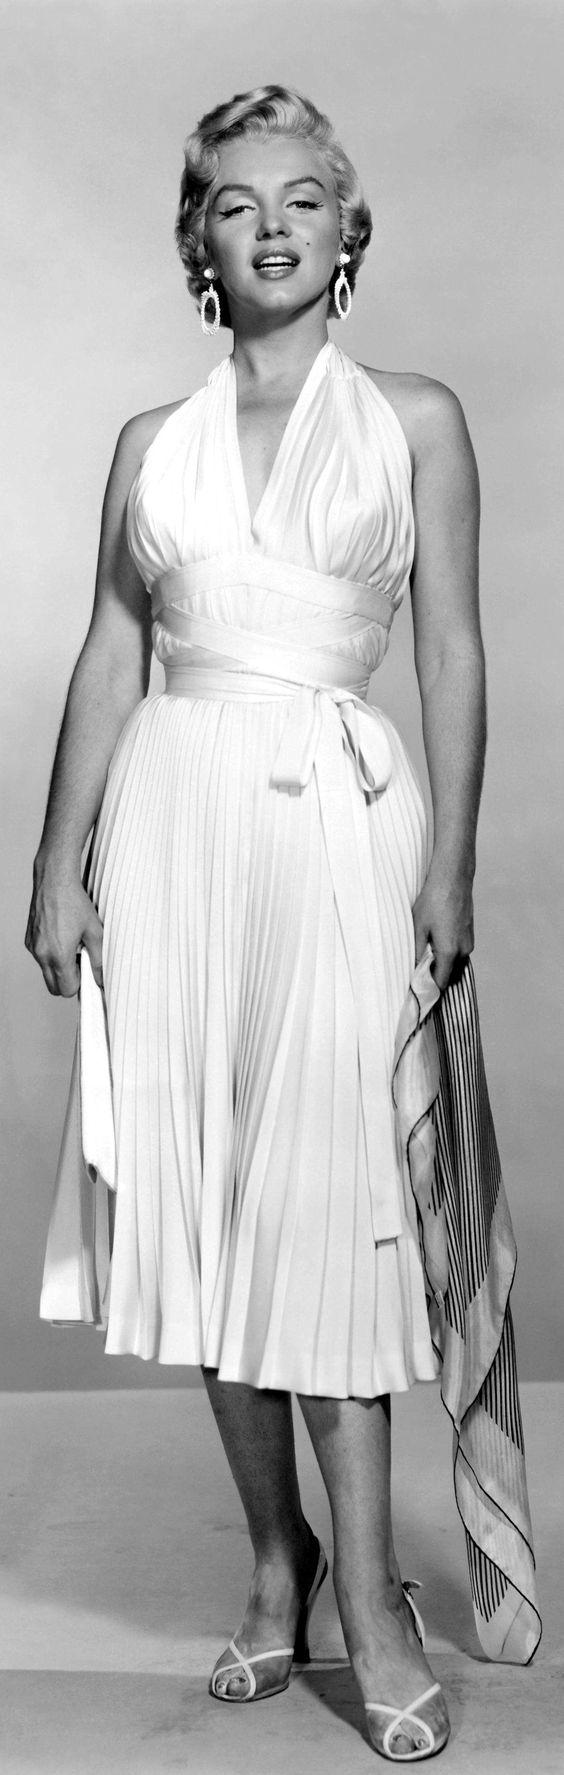 """Marilyn Monroe, en William Travilla, su diseñador personal, 1955, para la película """"La tentación vive arriba"""", vestido Iconico del cine:"""